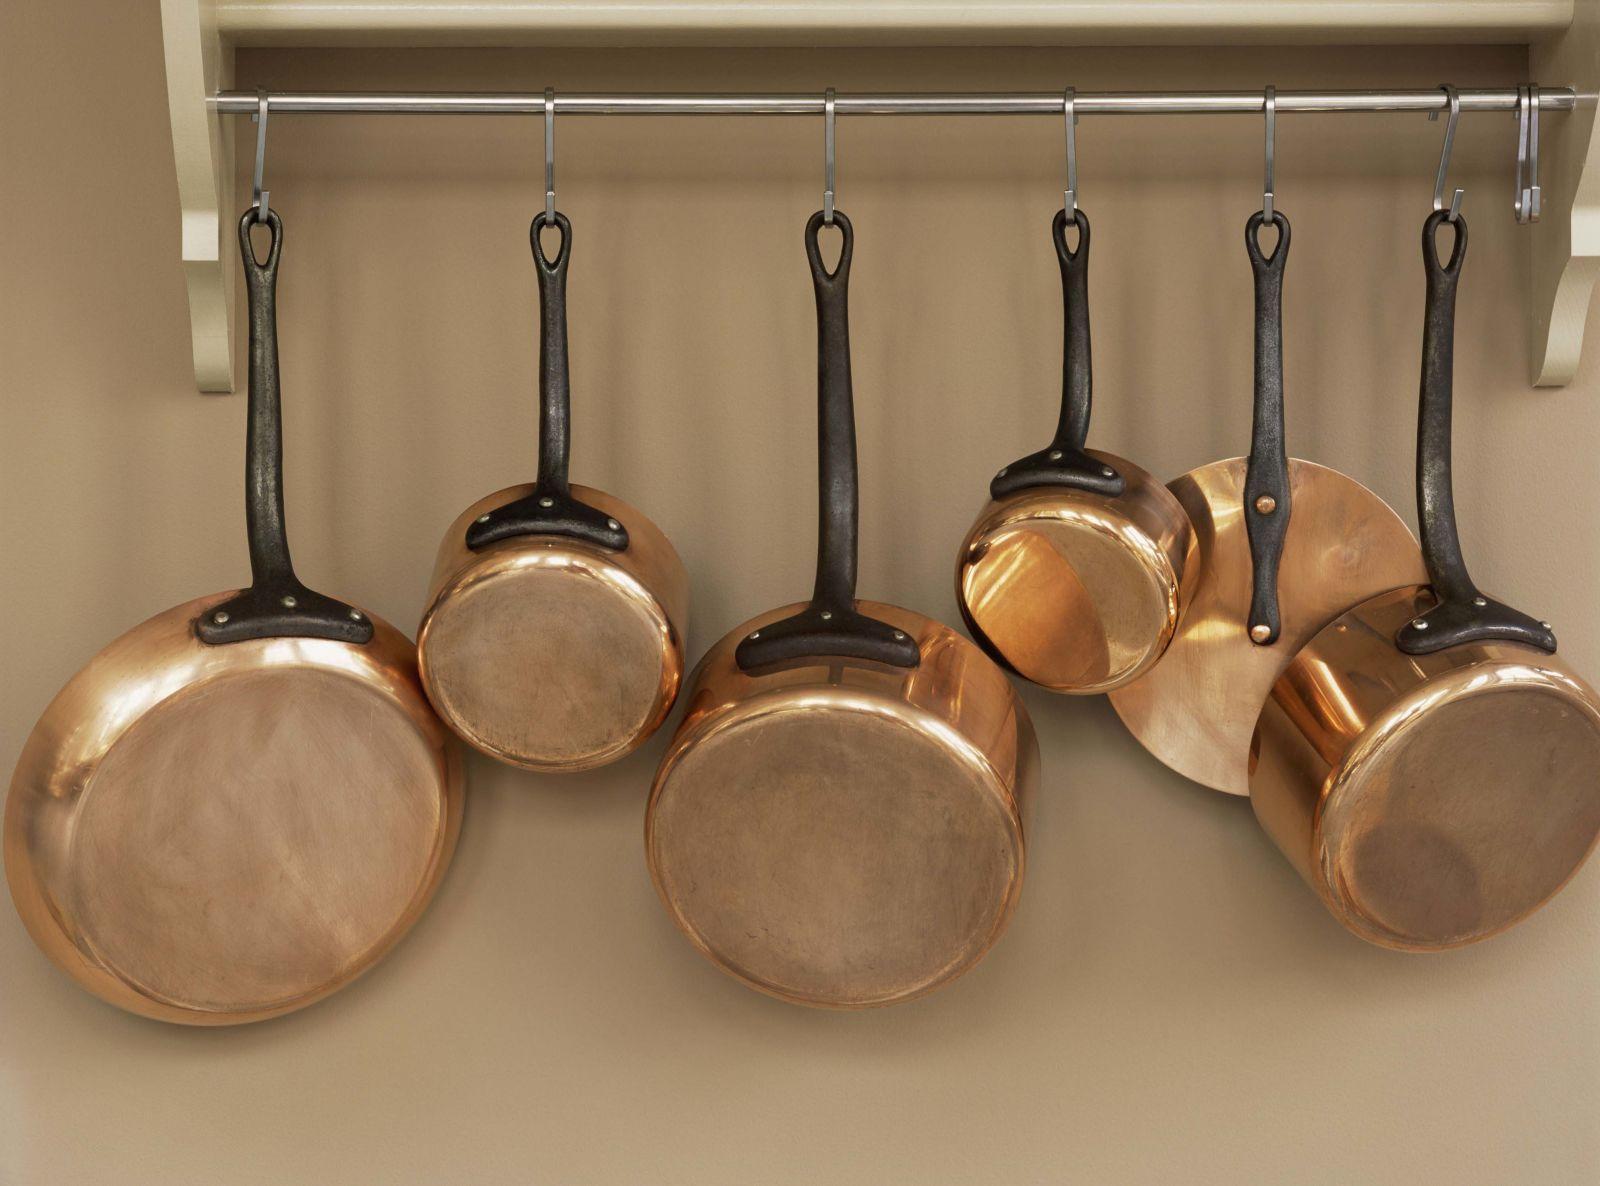 سالم ترین ظروف برای پخت و پز چیست؟